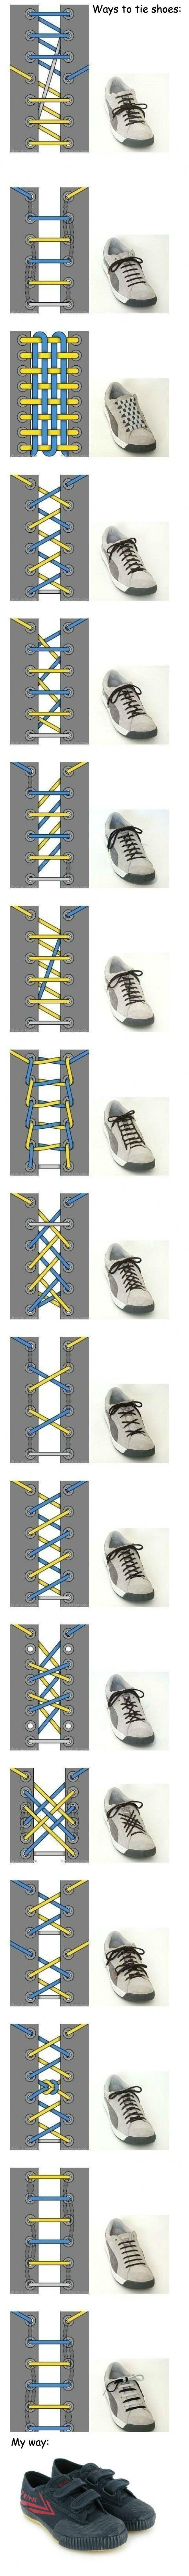 Kreativa sätt att knyta skor